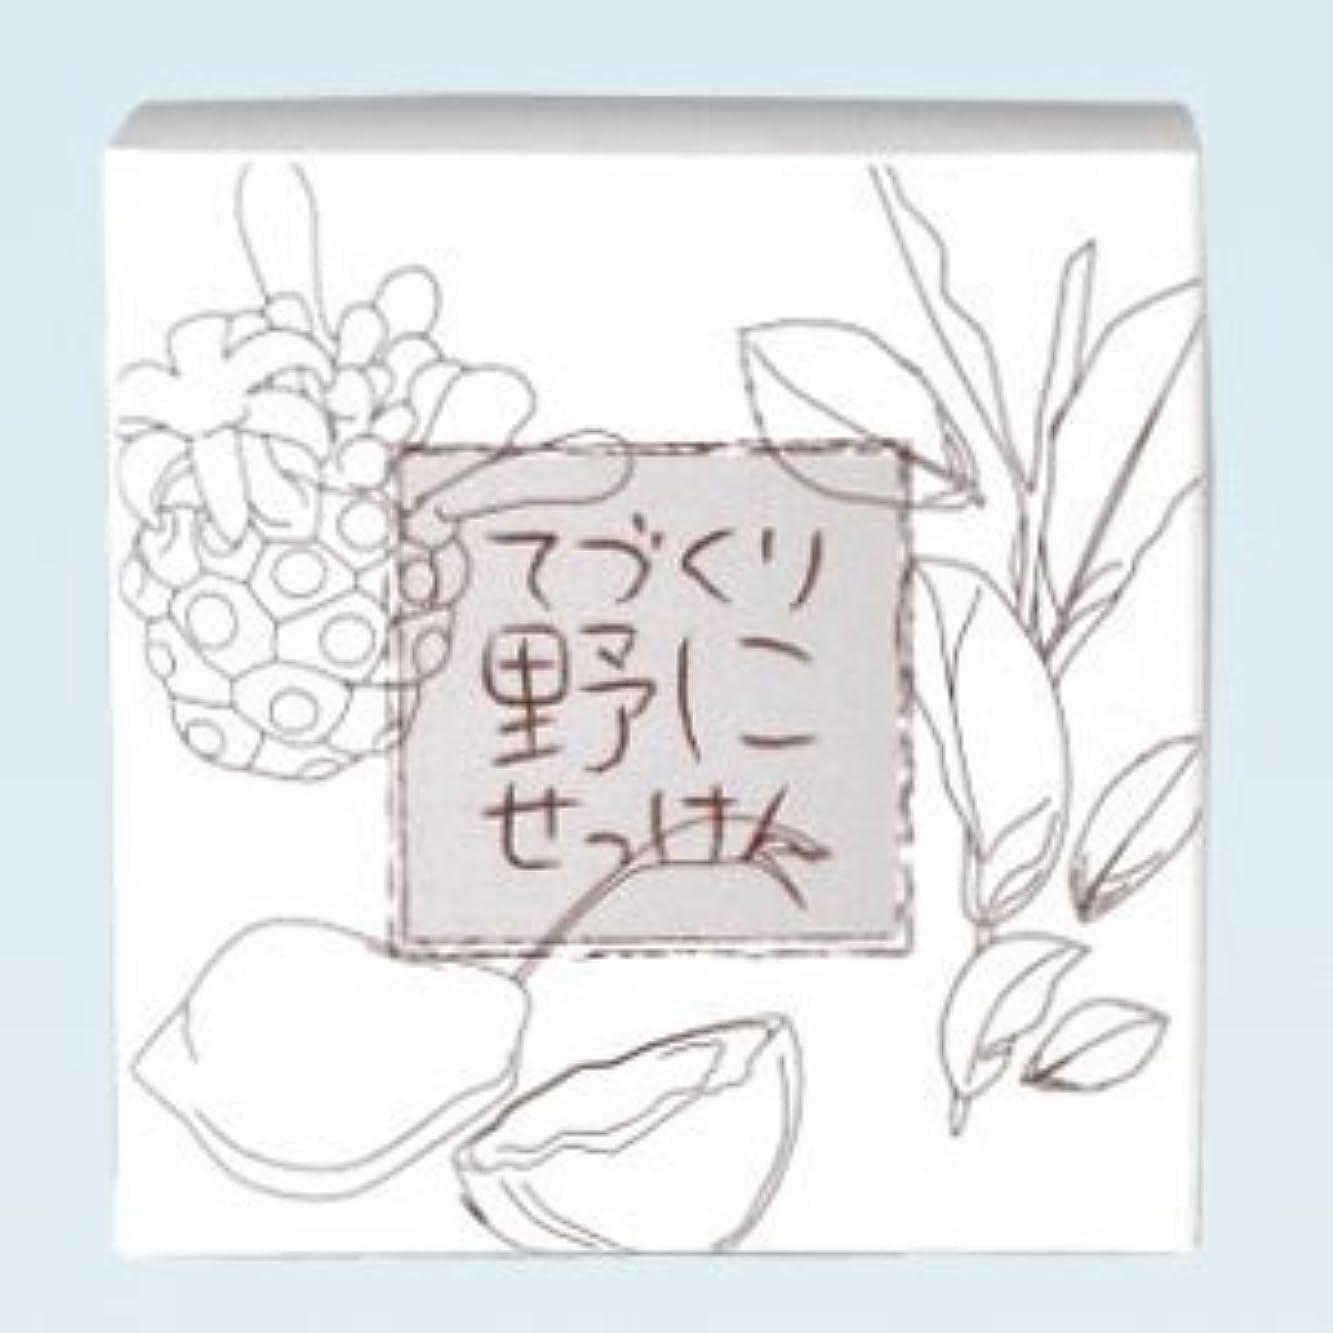 パントリーアラブサラボスクランブル緑茶 ノニ石鹸 てづくり野にせっけん(115g)